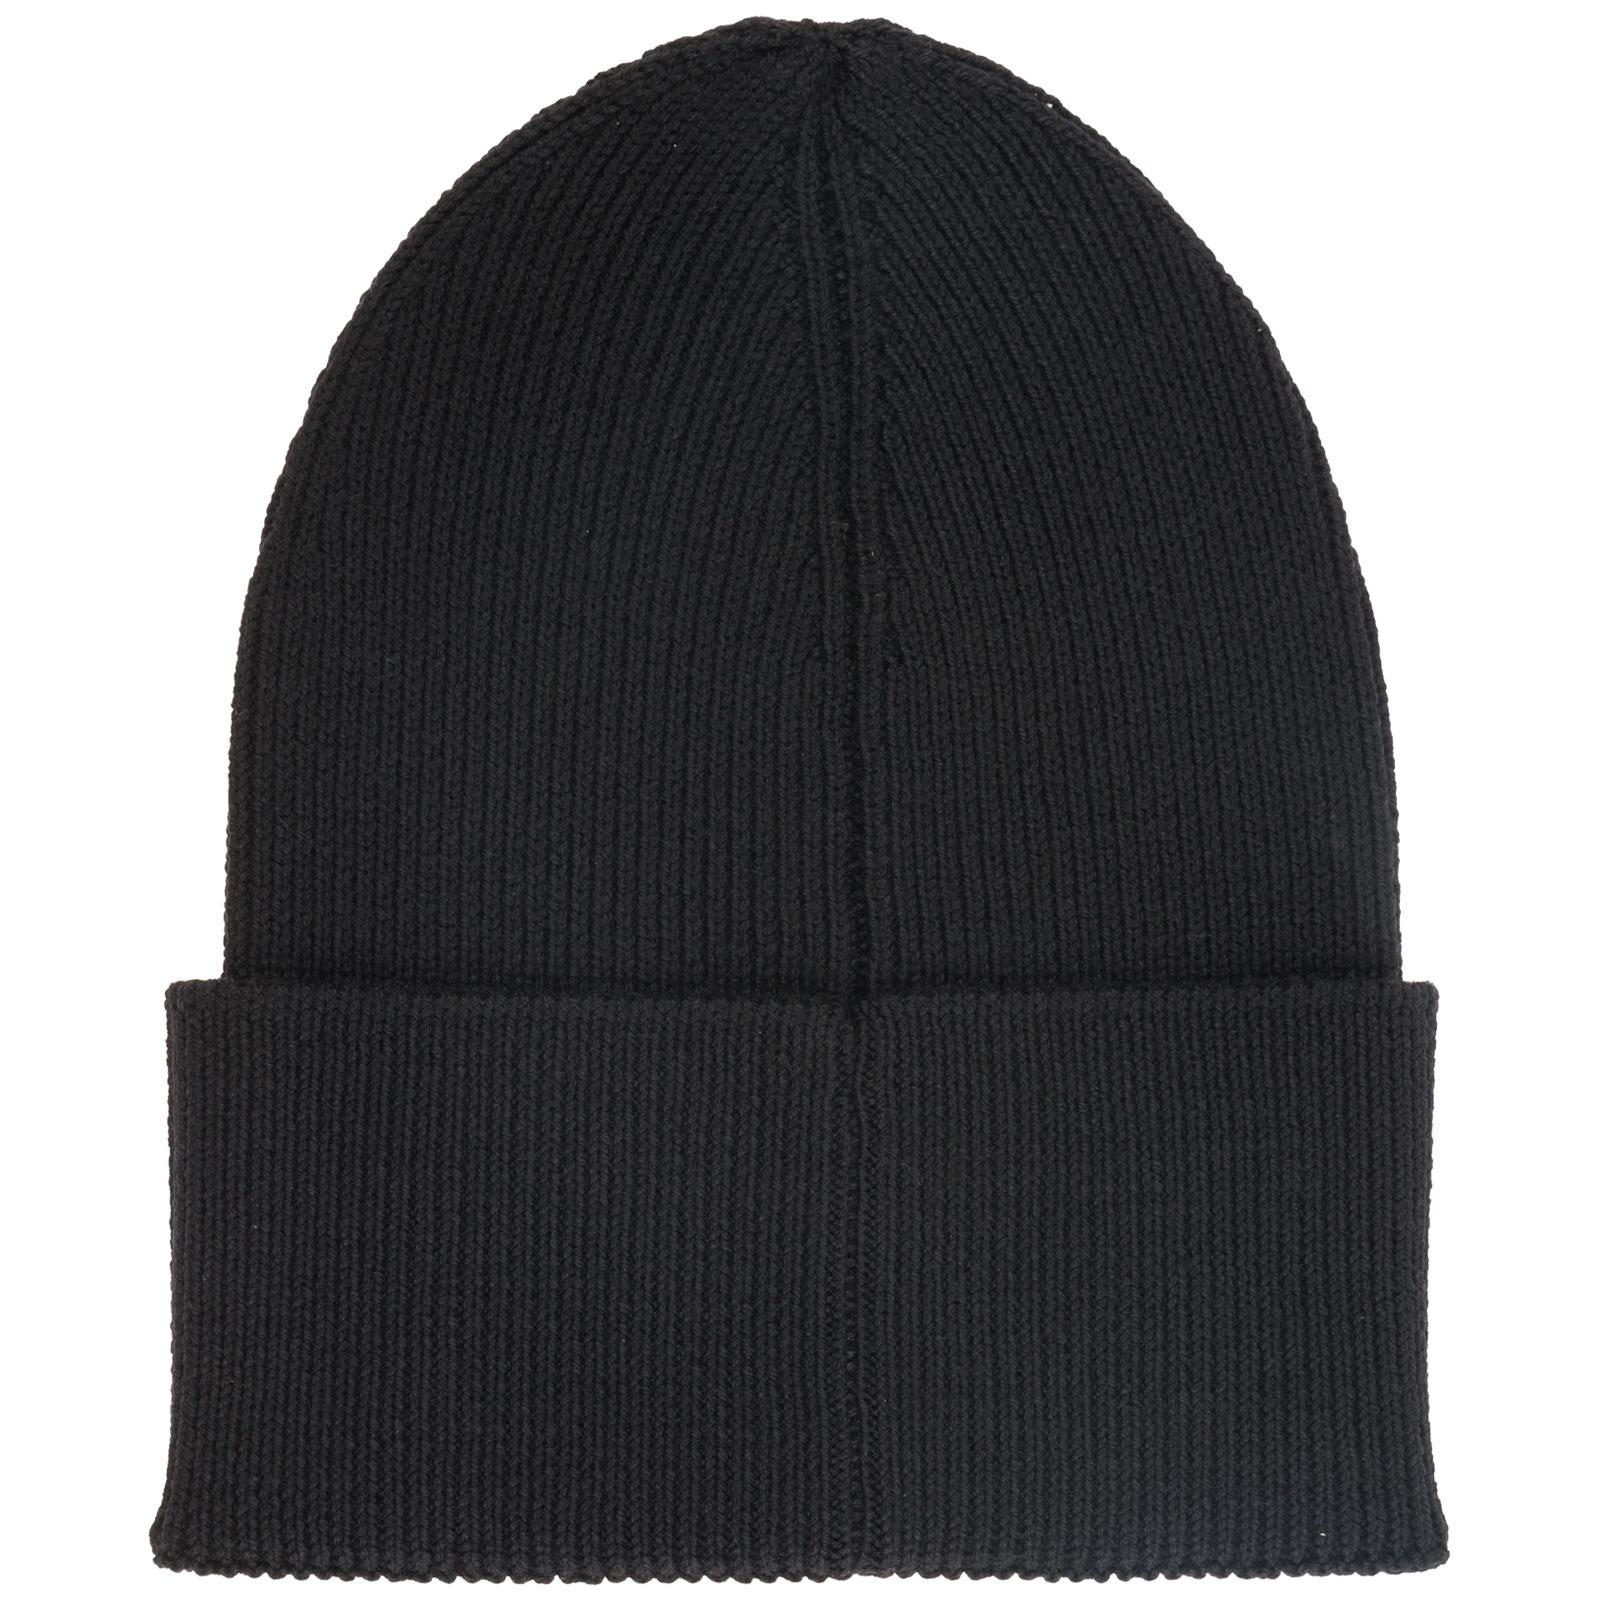 Men's wool beanie hat  icon